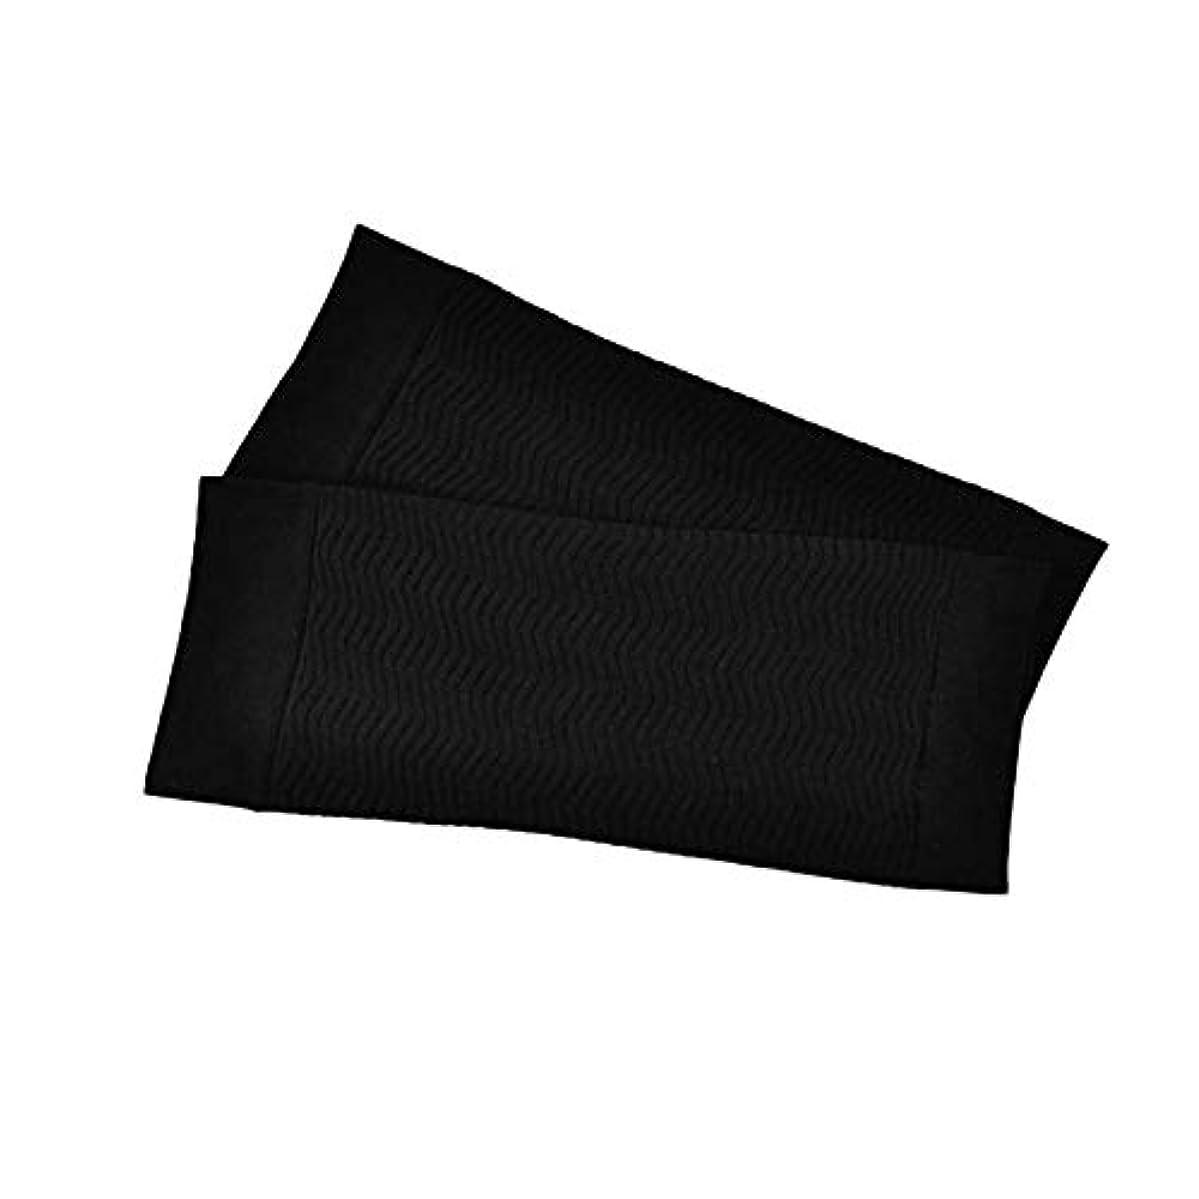 金曜日ハドル日焼け1ペア680Dコンプレッションアームシェイパーワークアウトトーニングバーンセルライトスリミングアームスリーブファットバーニングショートスリーブ女性用-ブラック